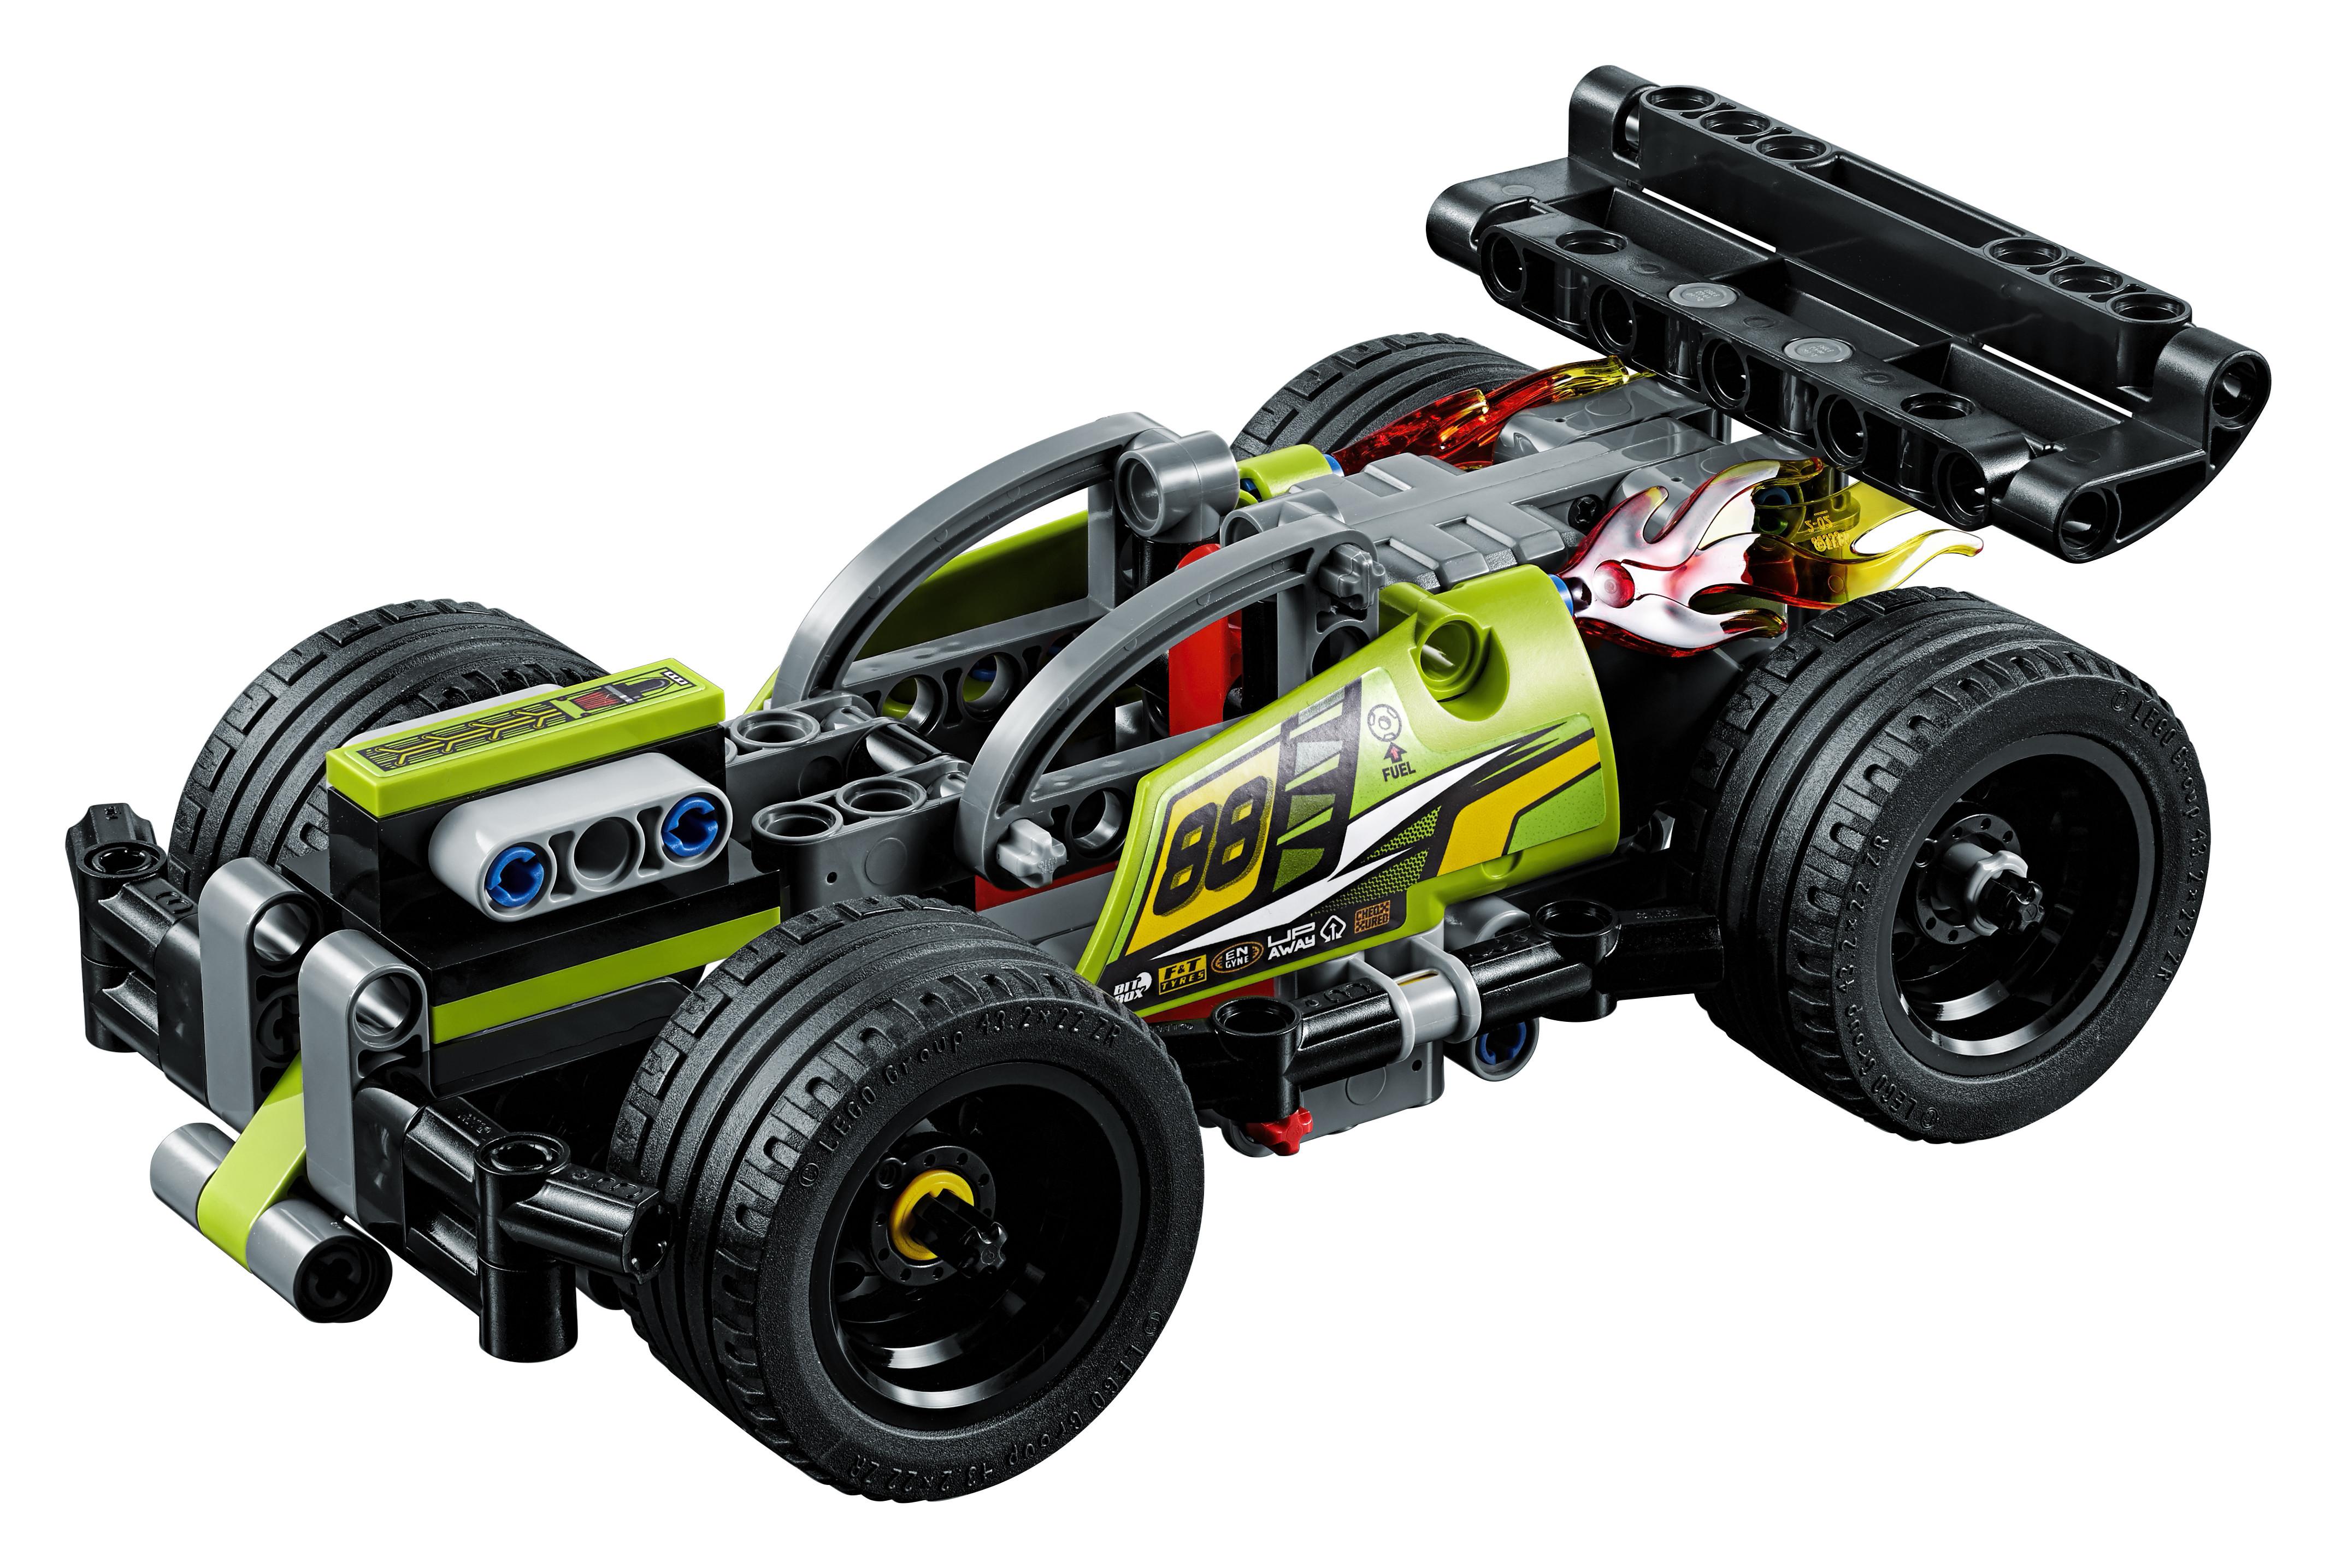 LEGO LEGO Конструктор LEGO Technic 42072 Зеленый гоночный автомобиль конструктор bauer автомобиль 282